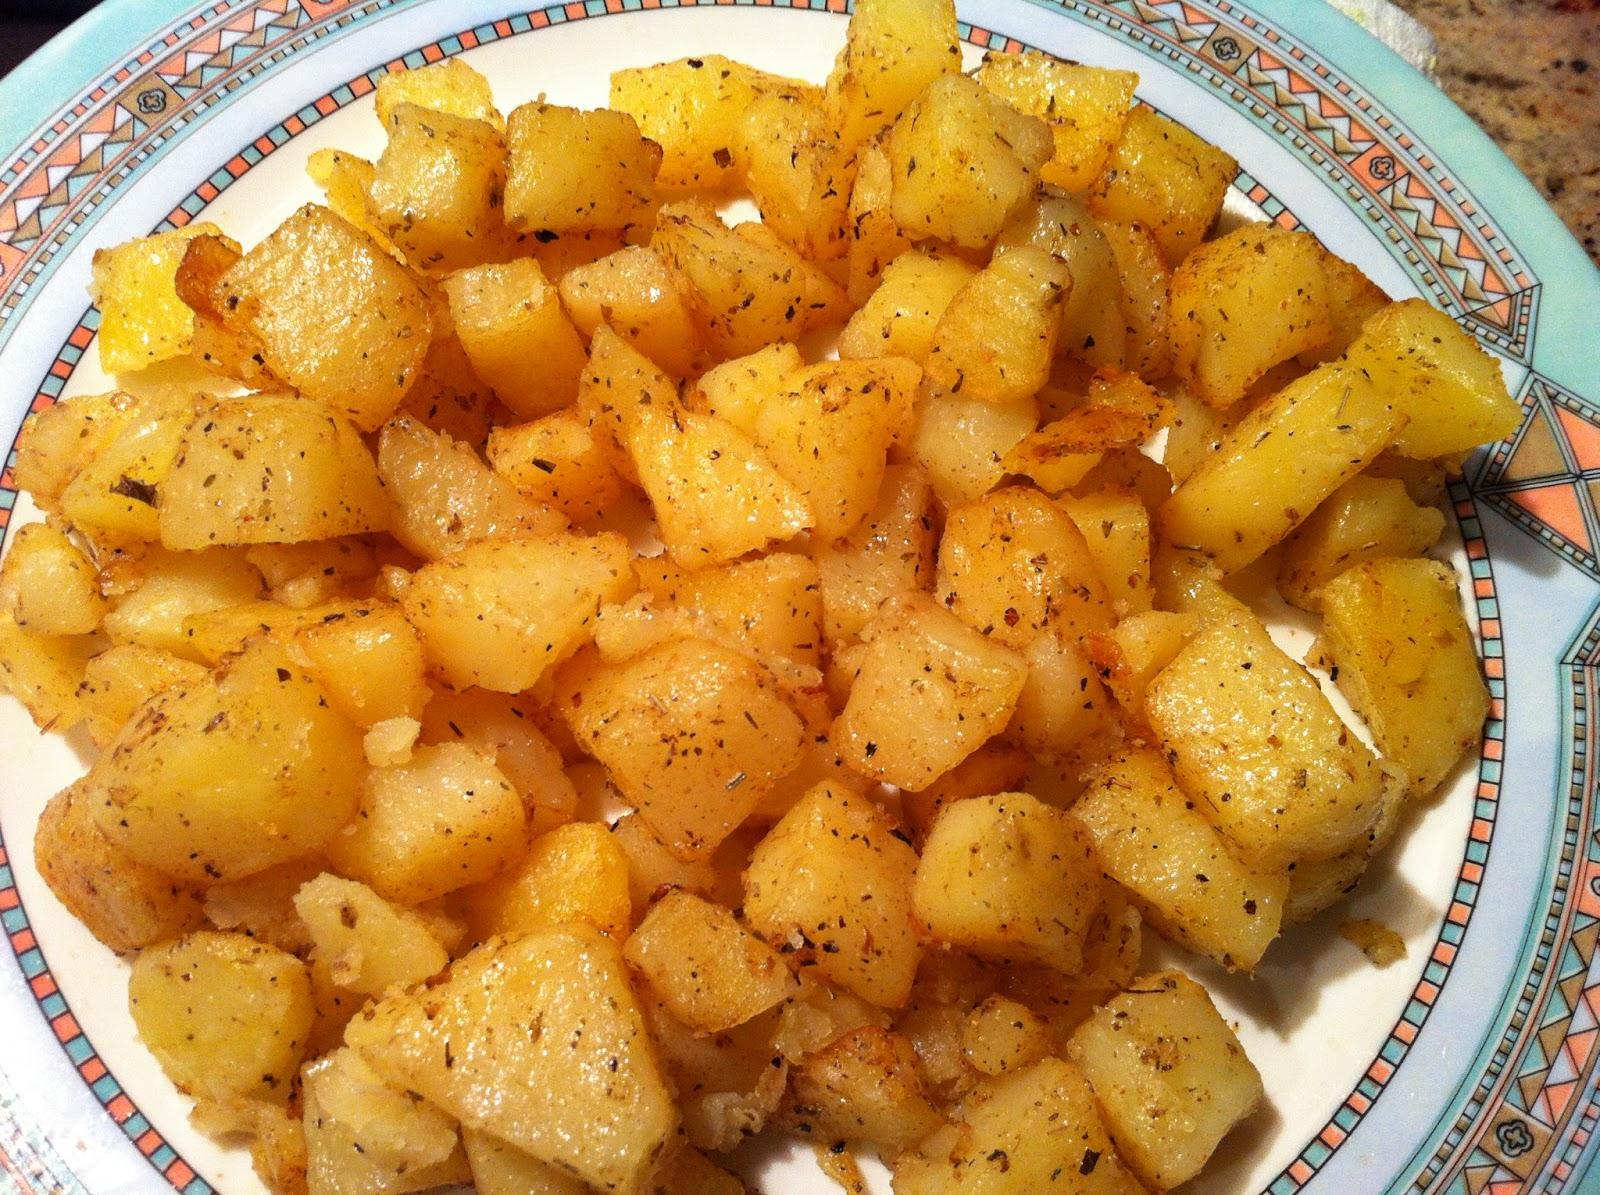 Patatas al horno y papas arrug s con alioli paperblog - Patatas pequenas al horno ...